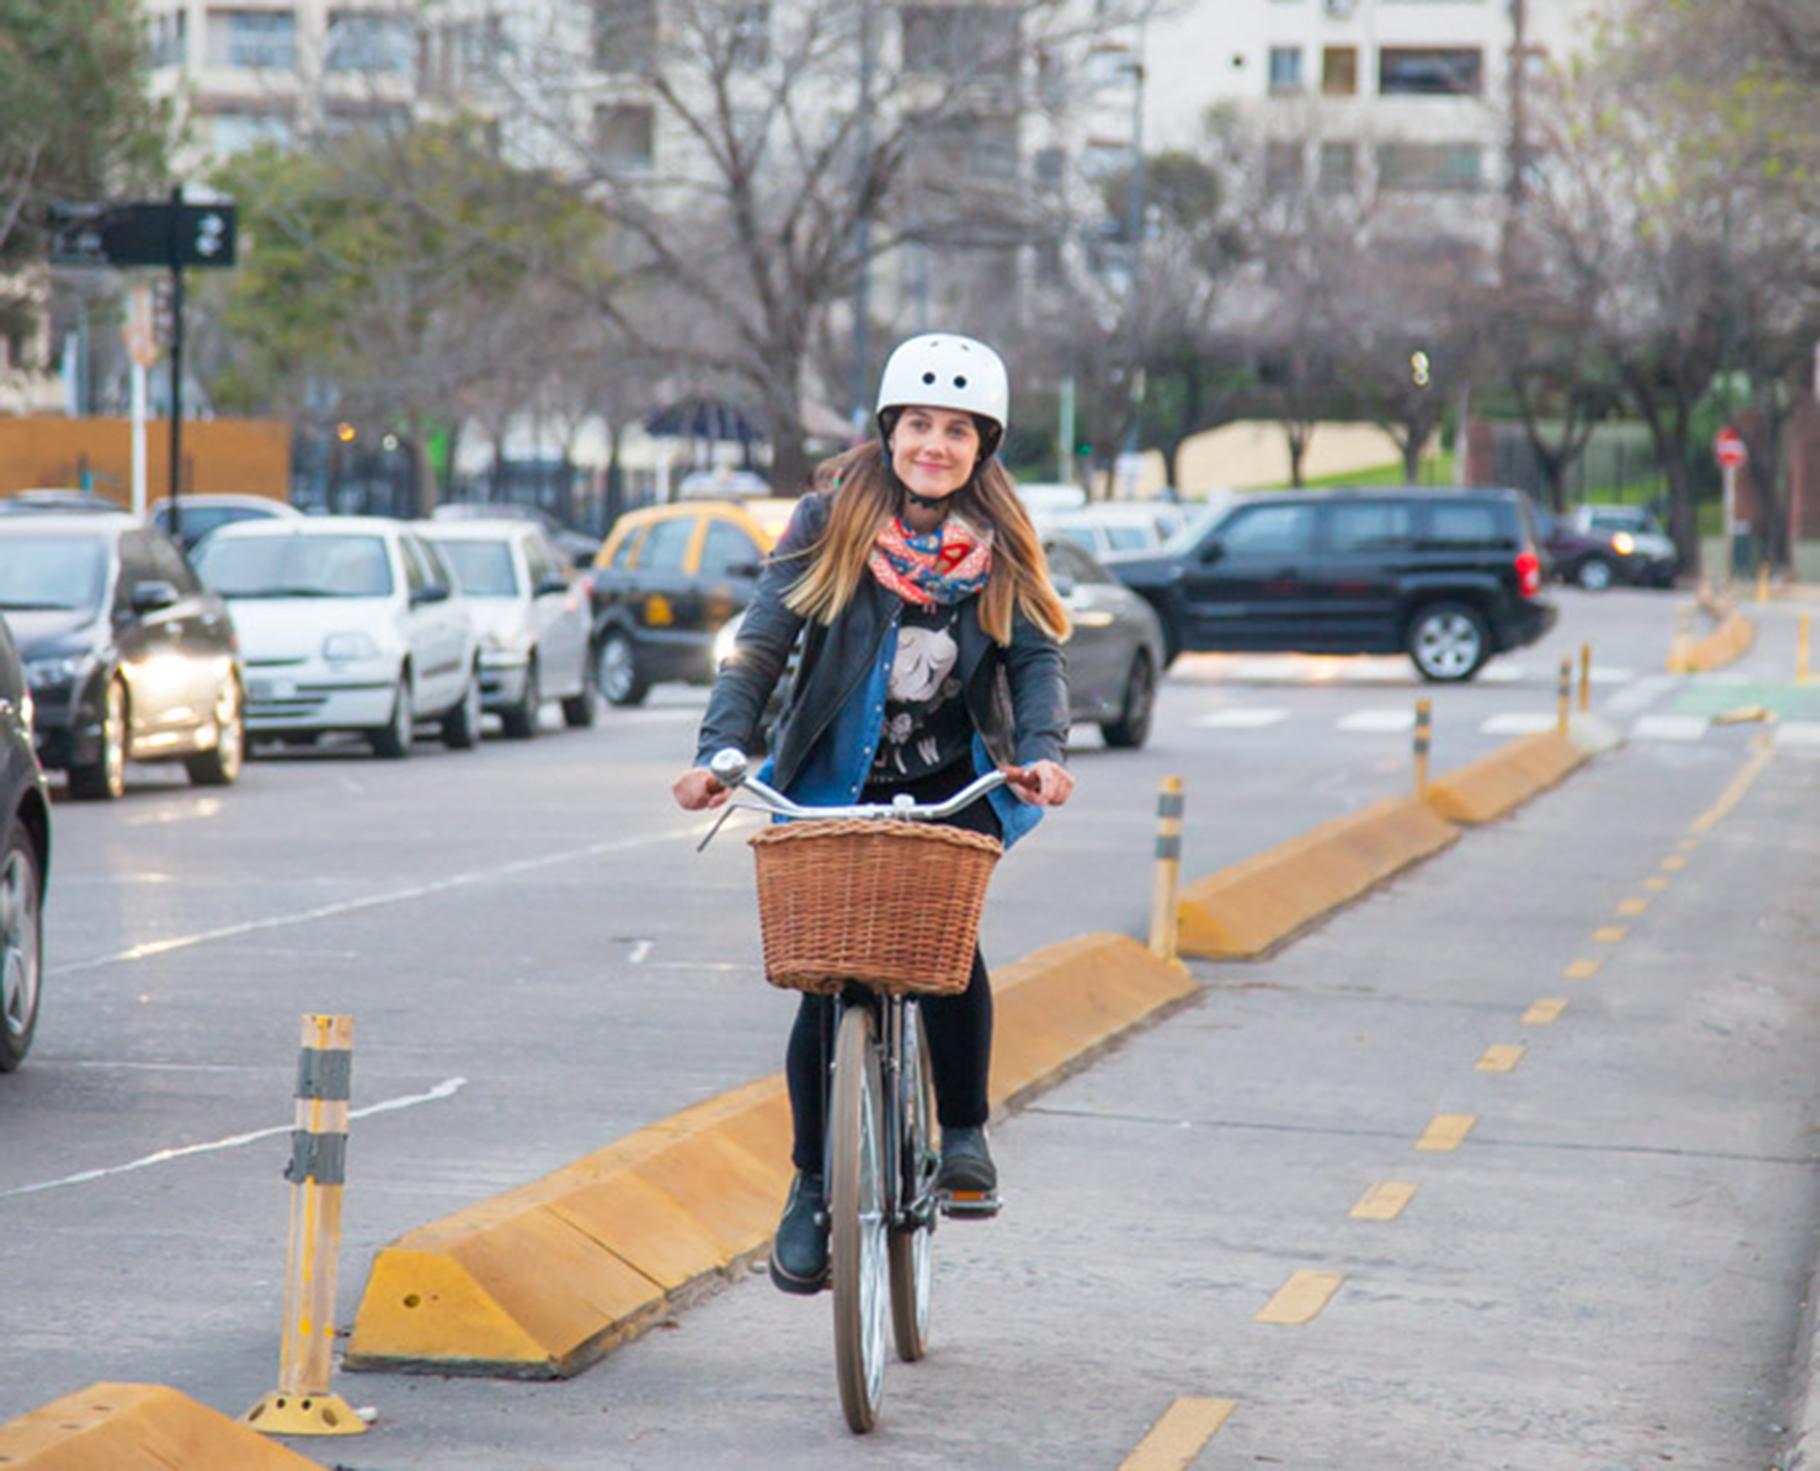 Ciclovías: aumentaron los ciclistas en CABA, especialmente mujeres